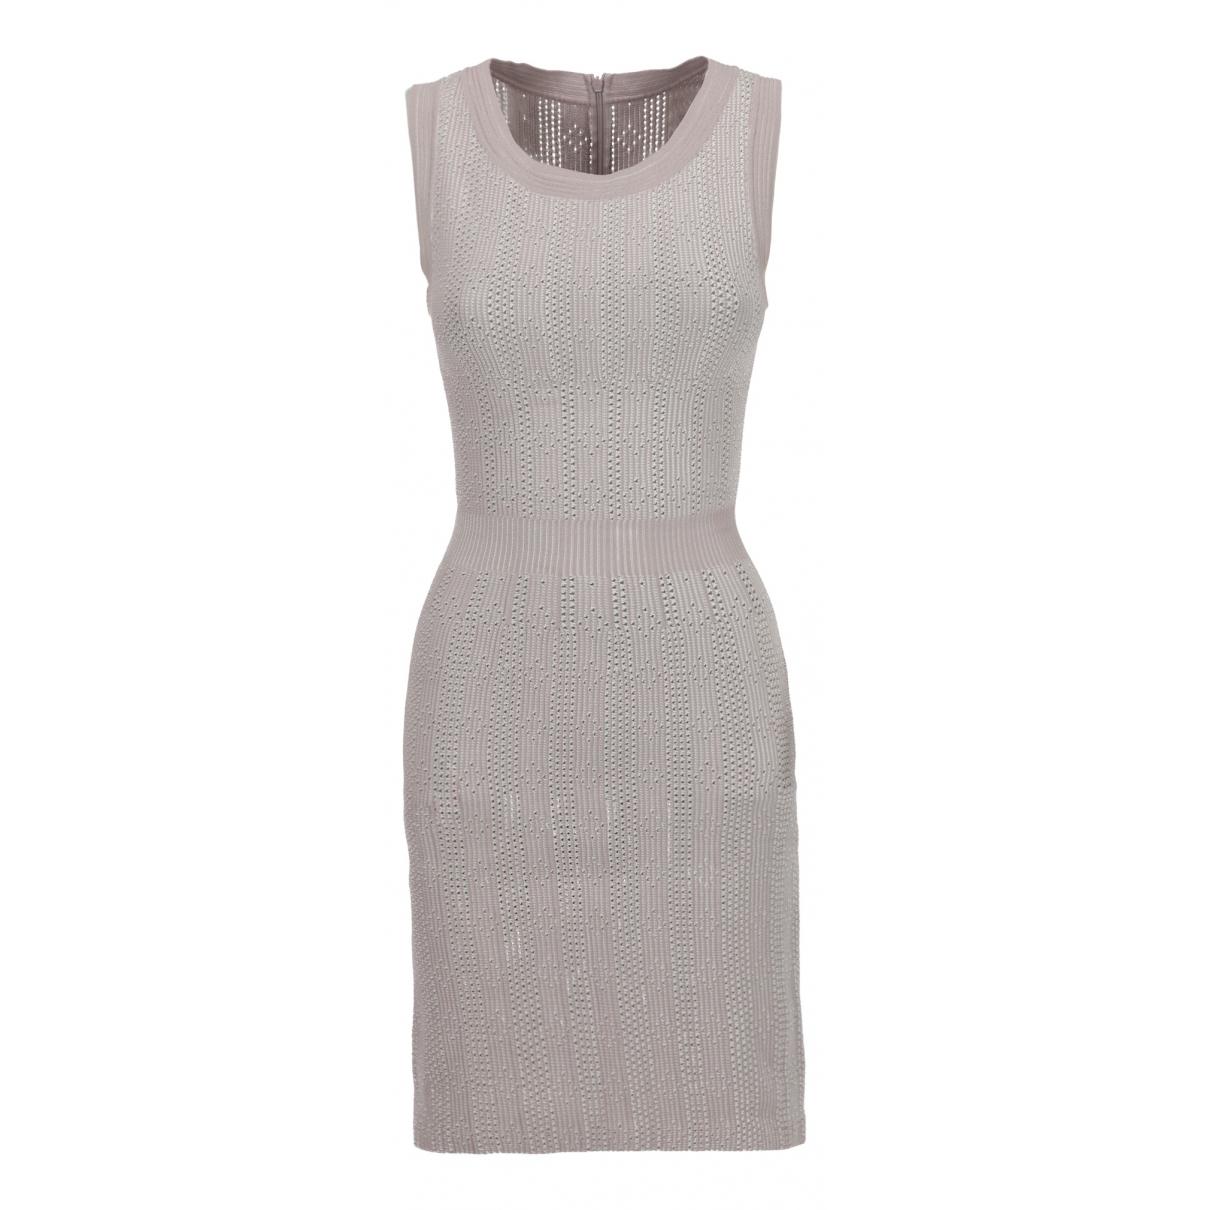 Alaïa N Purple dress for Women 36 FR